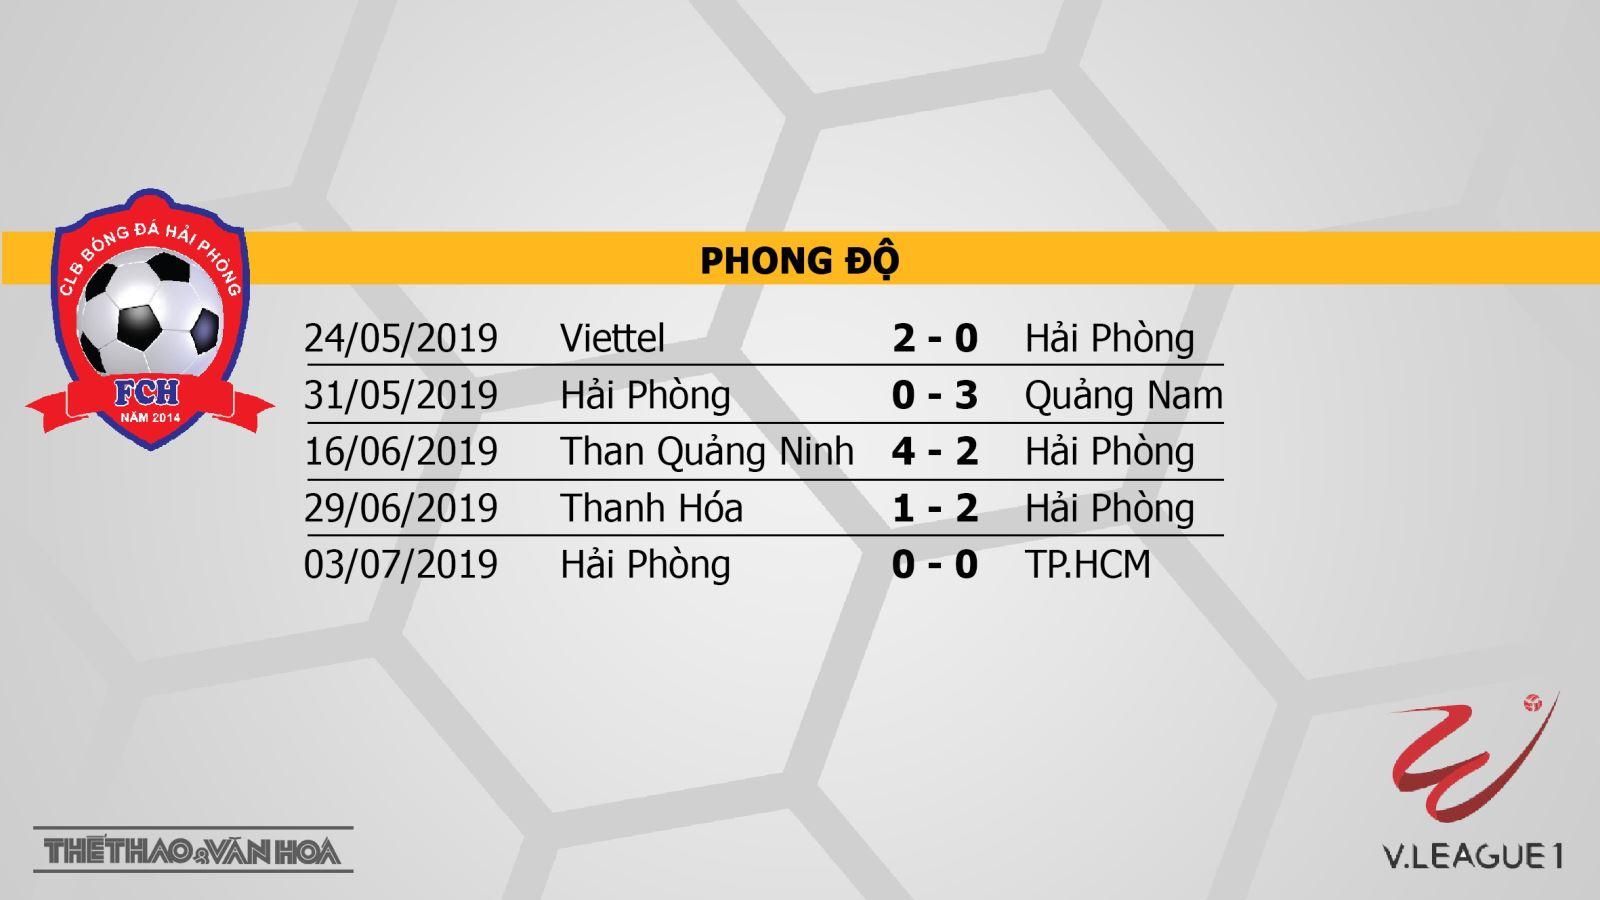 truc tiep bong da, trực tiếp bóng đá, trực tiếp Hà Nội vs Hải Phòng, Hà Nội vs Hải Phòng, trực tiếp V League, xem trực tiếp Hà Nội vs Hải Phòng ở đâu, bxh V League